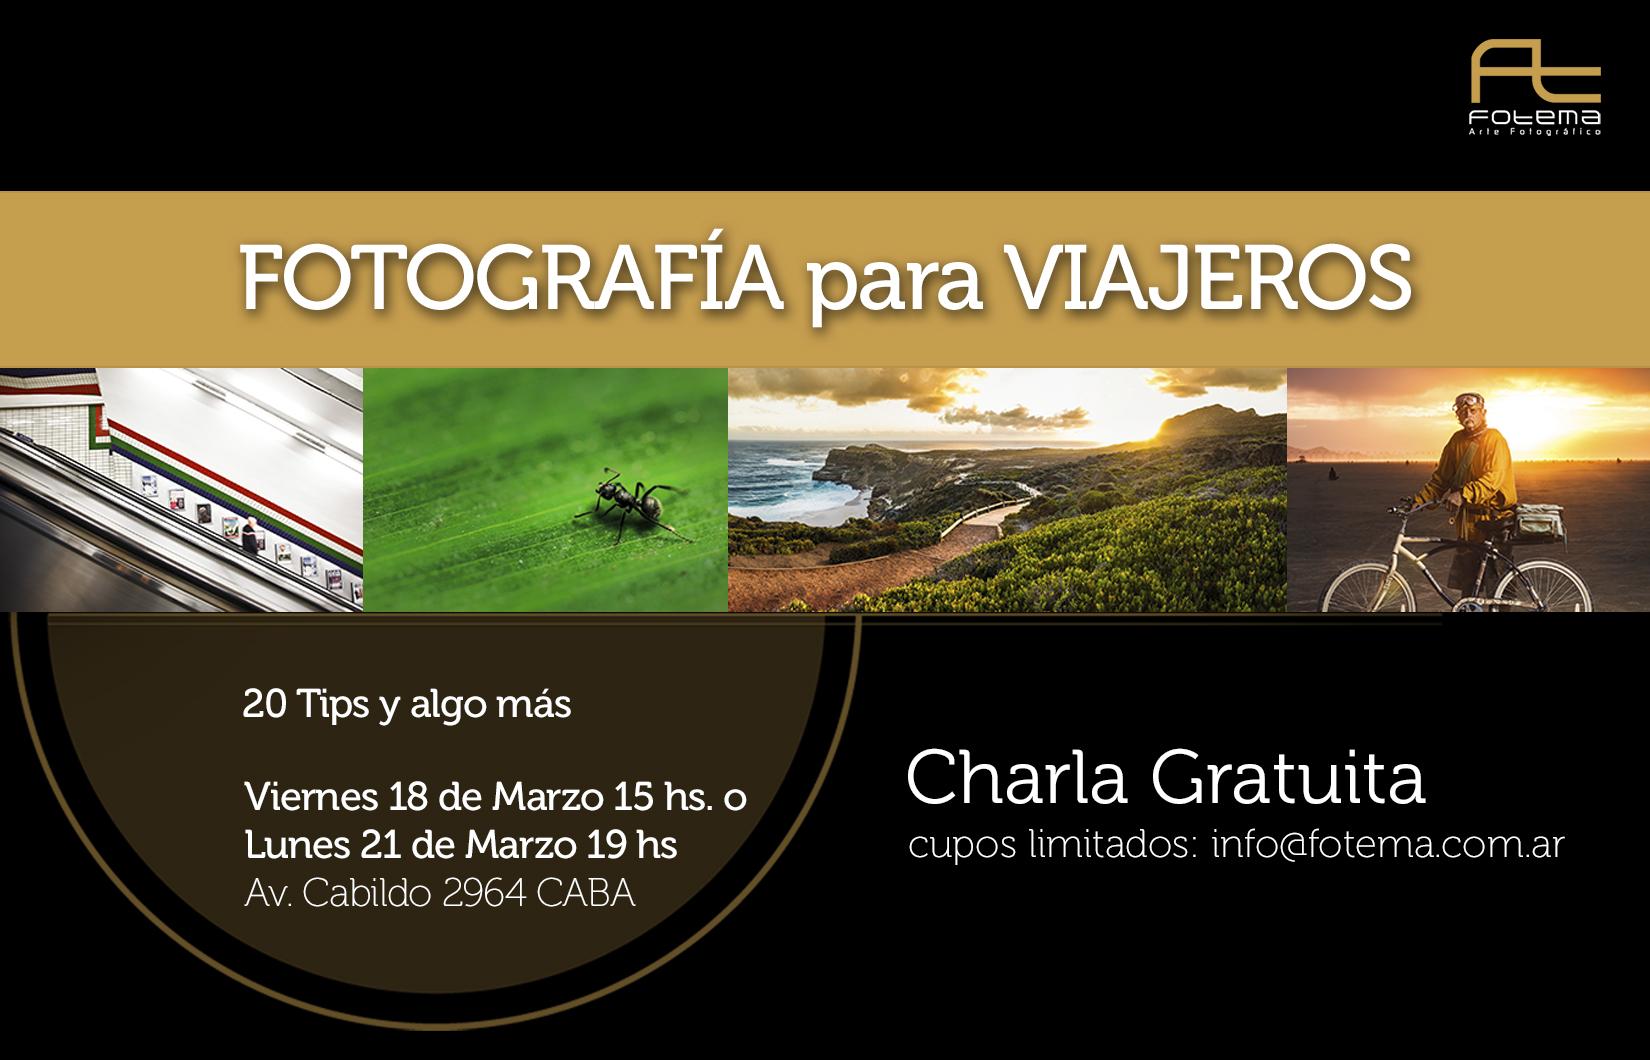 Fotografía para Viajeros